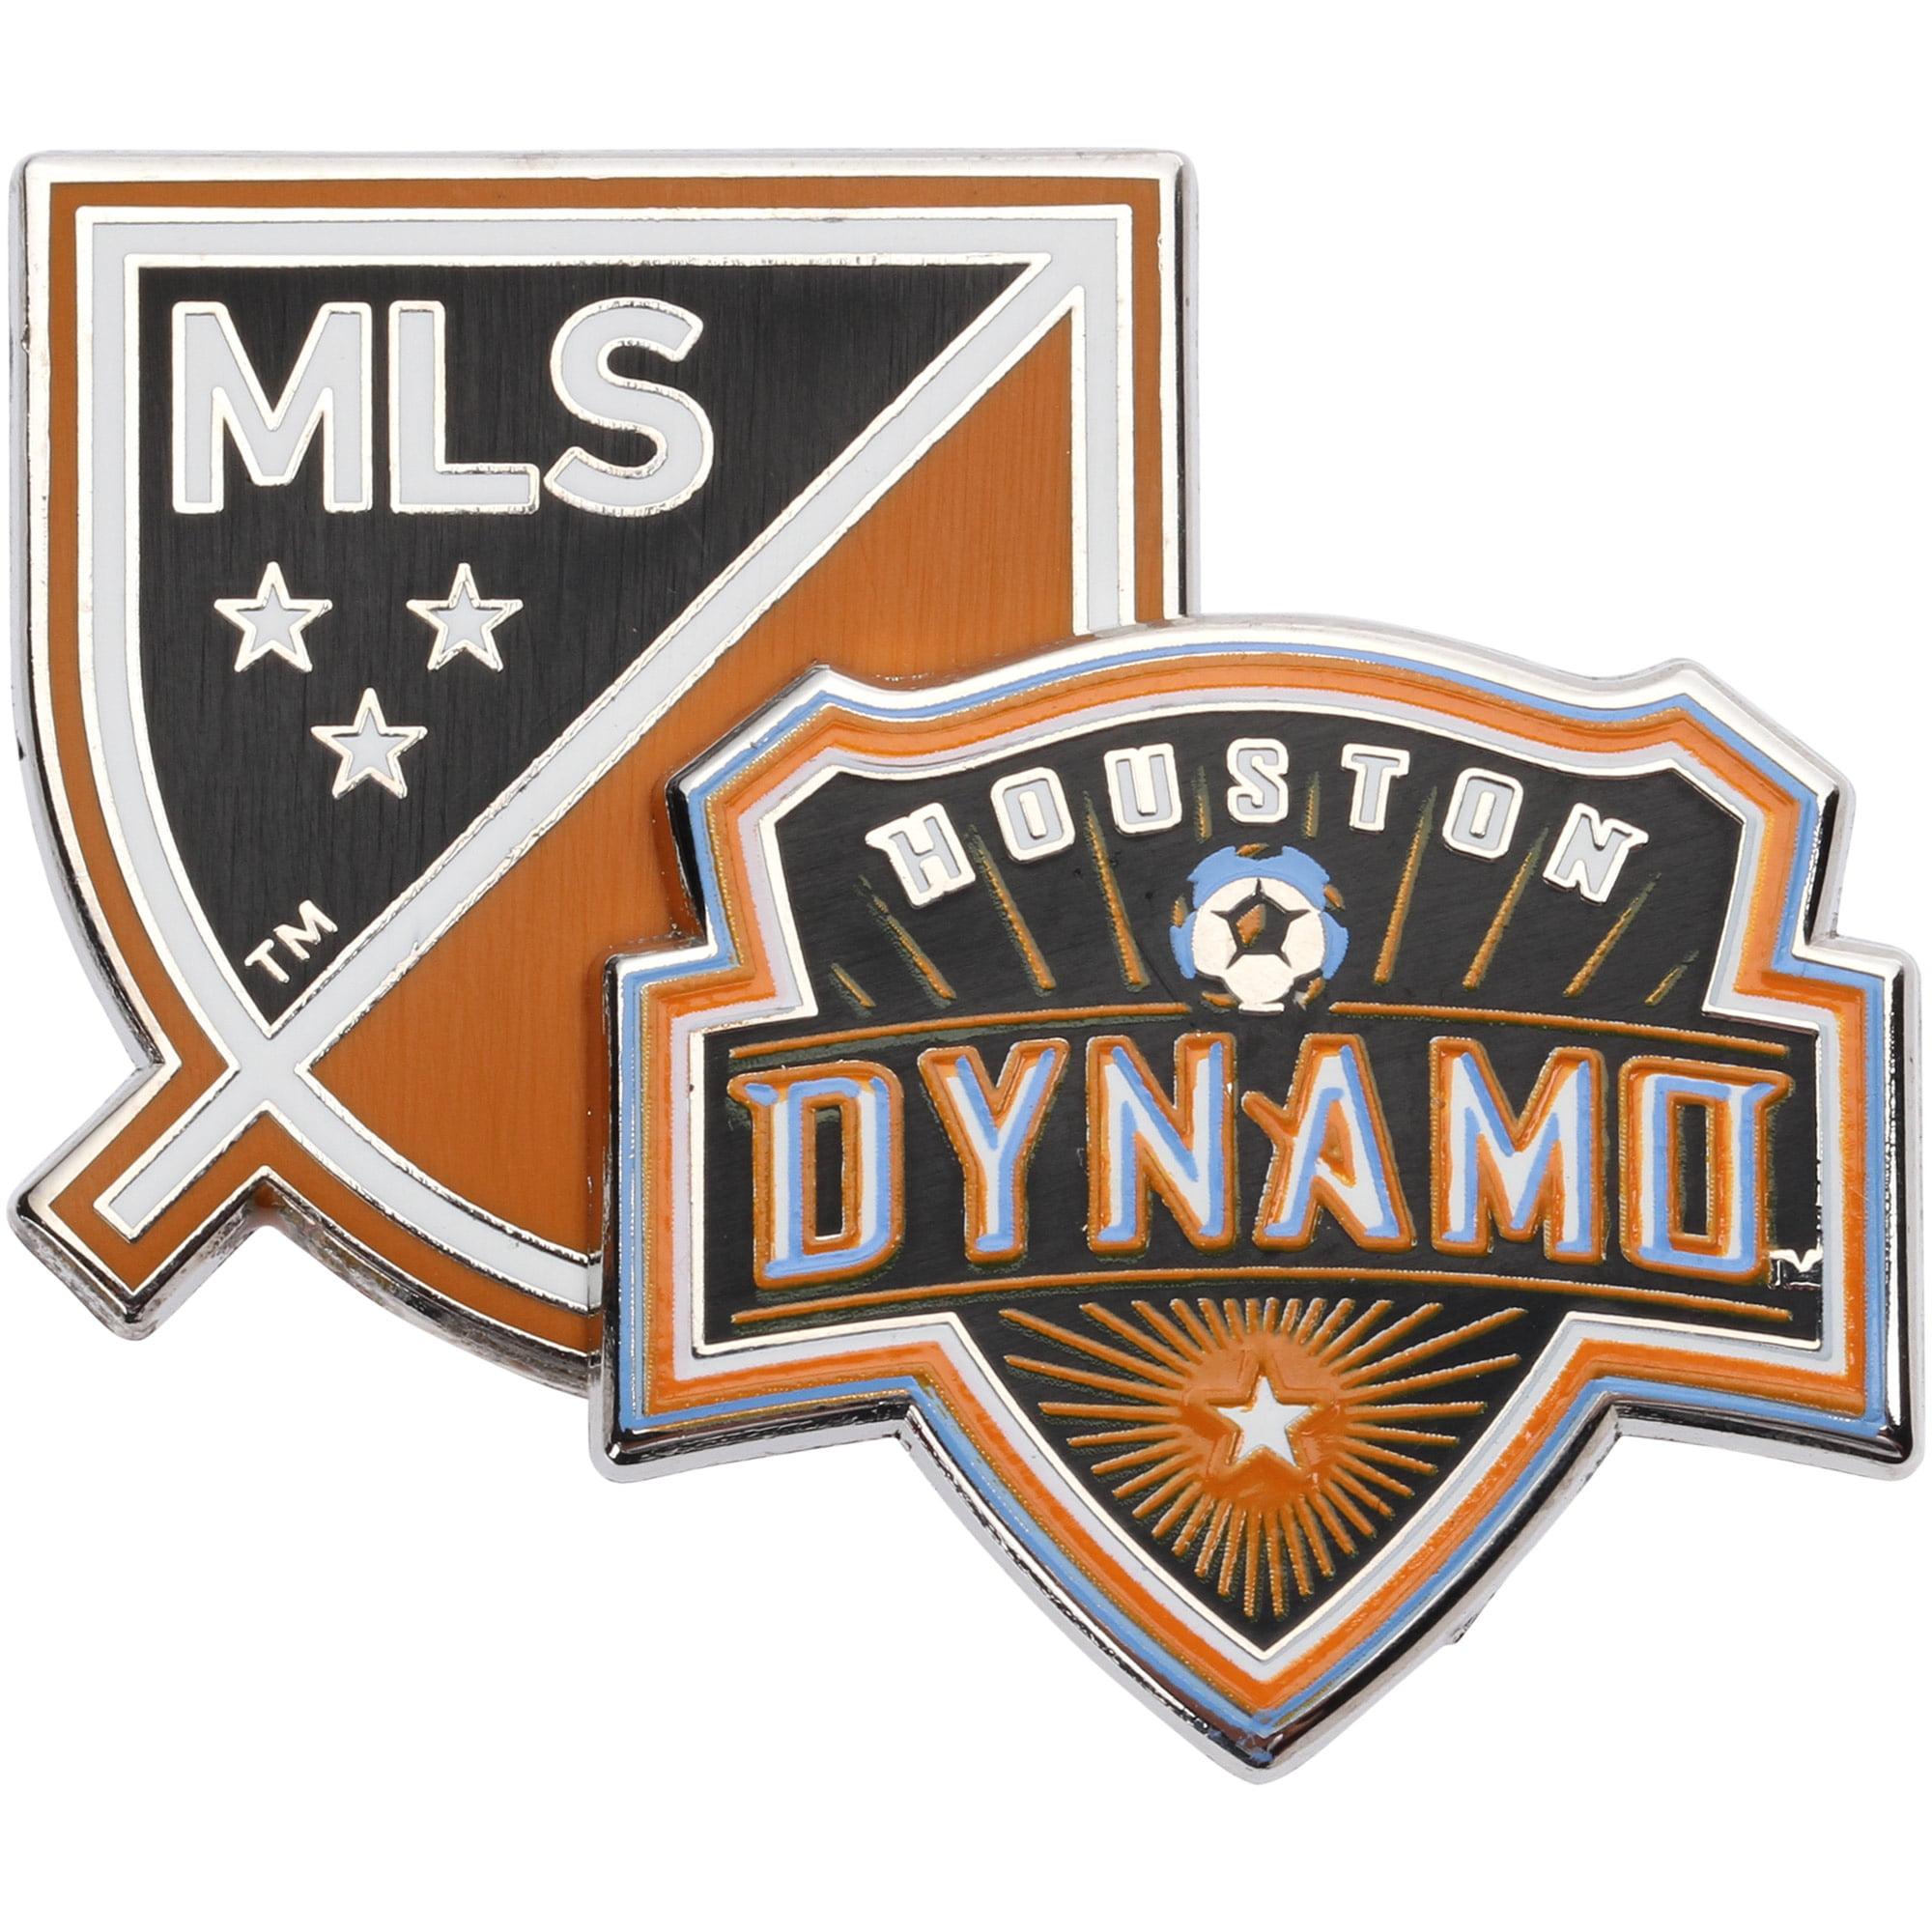 Houston Dynamo Dual Logo Pin - No Size